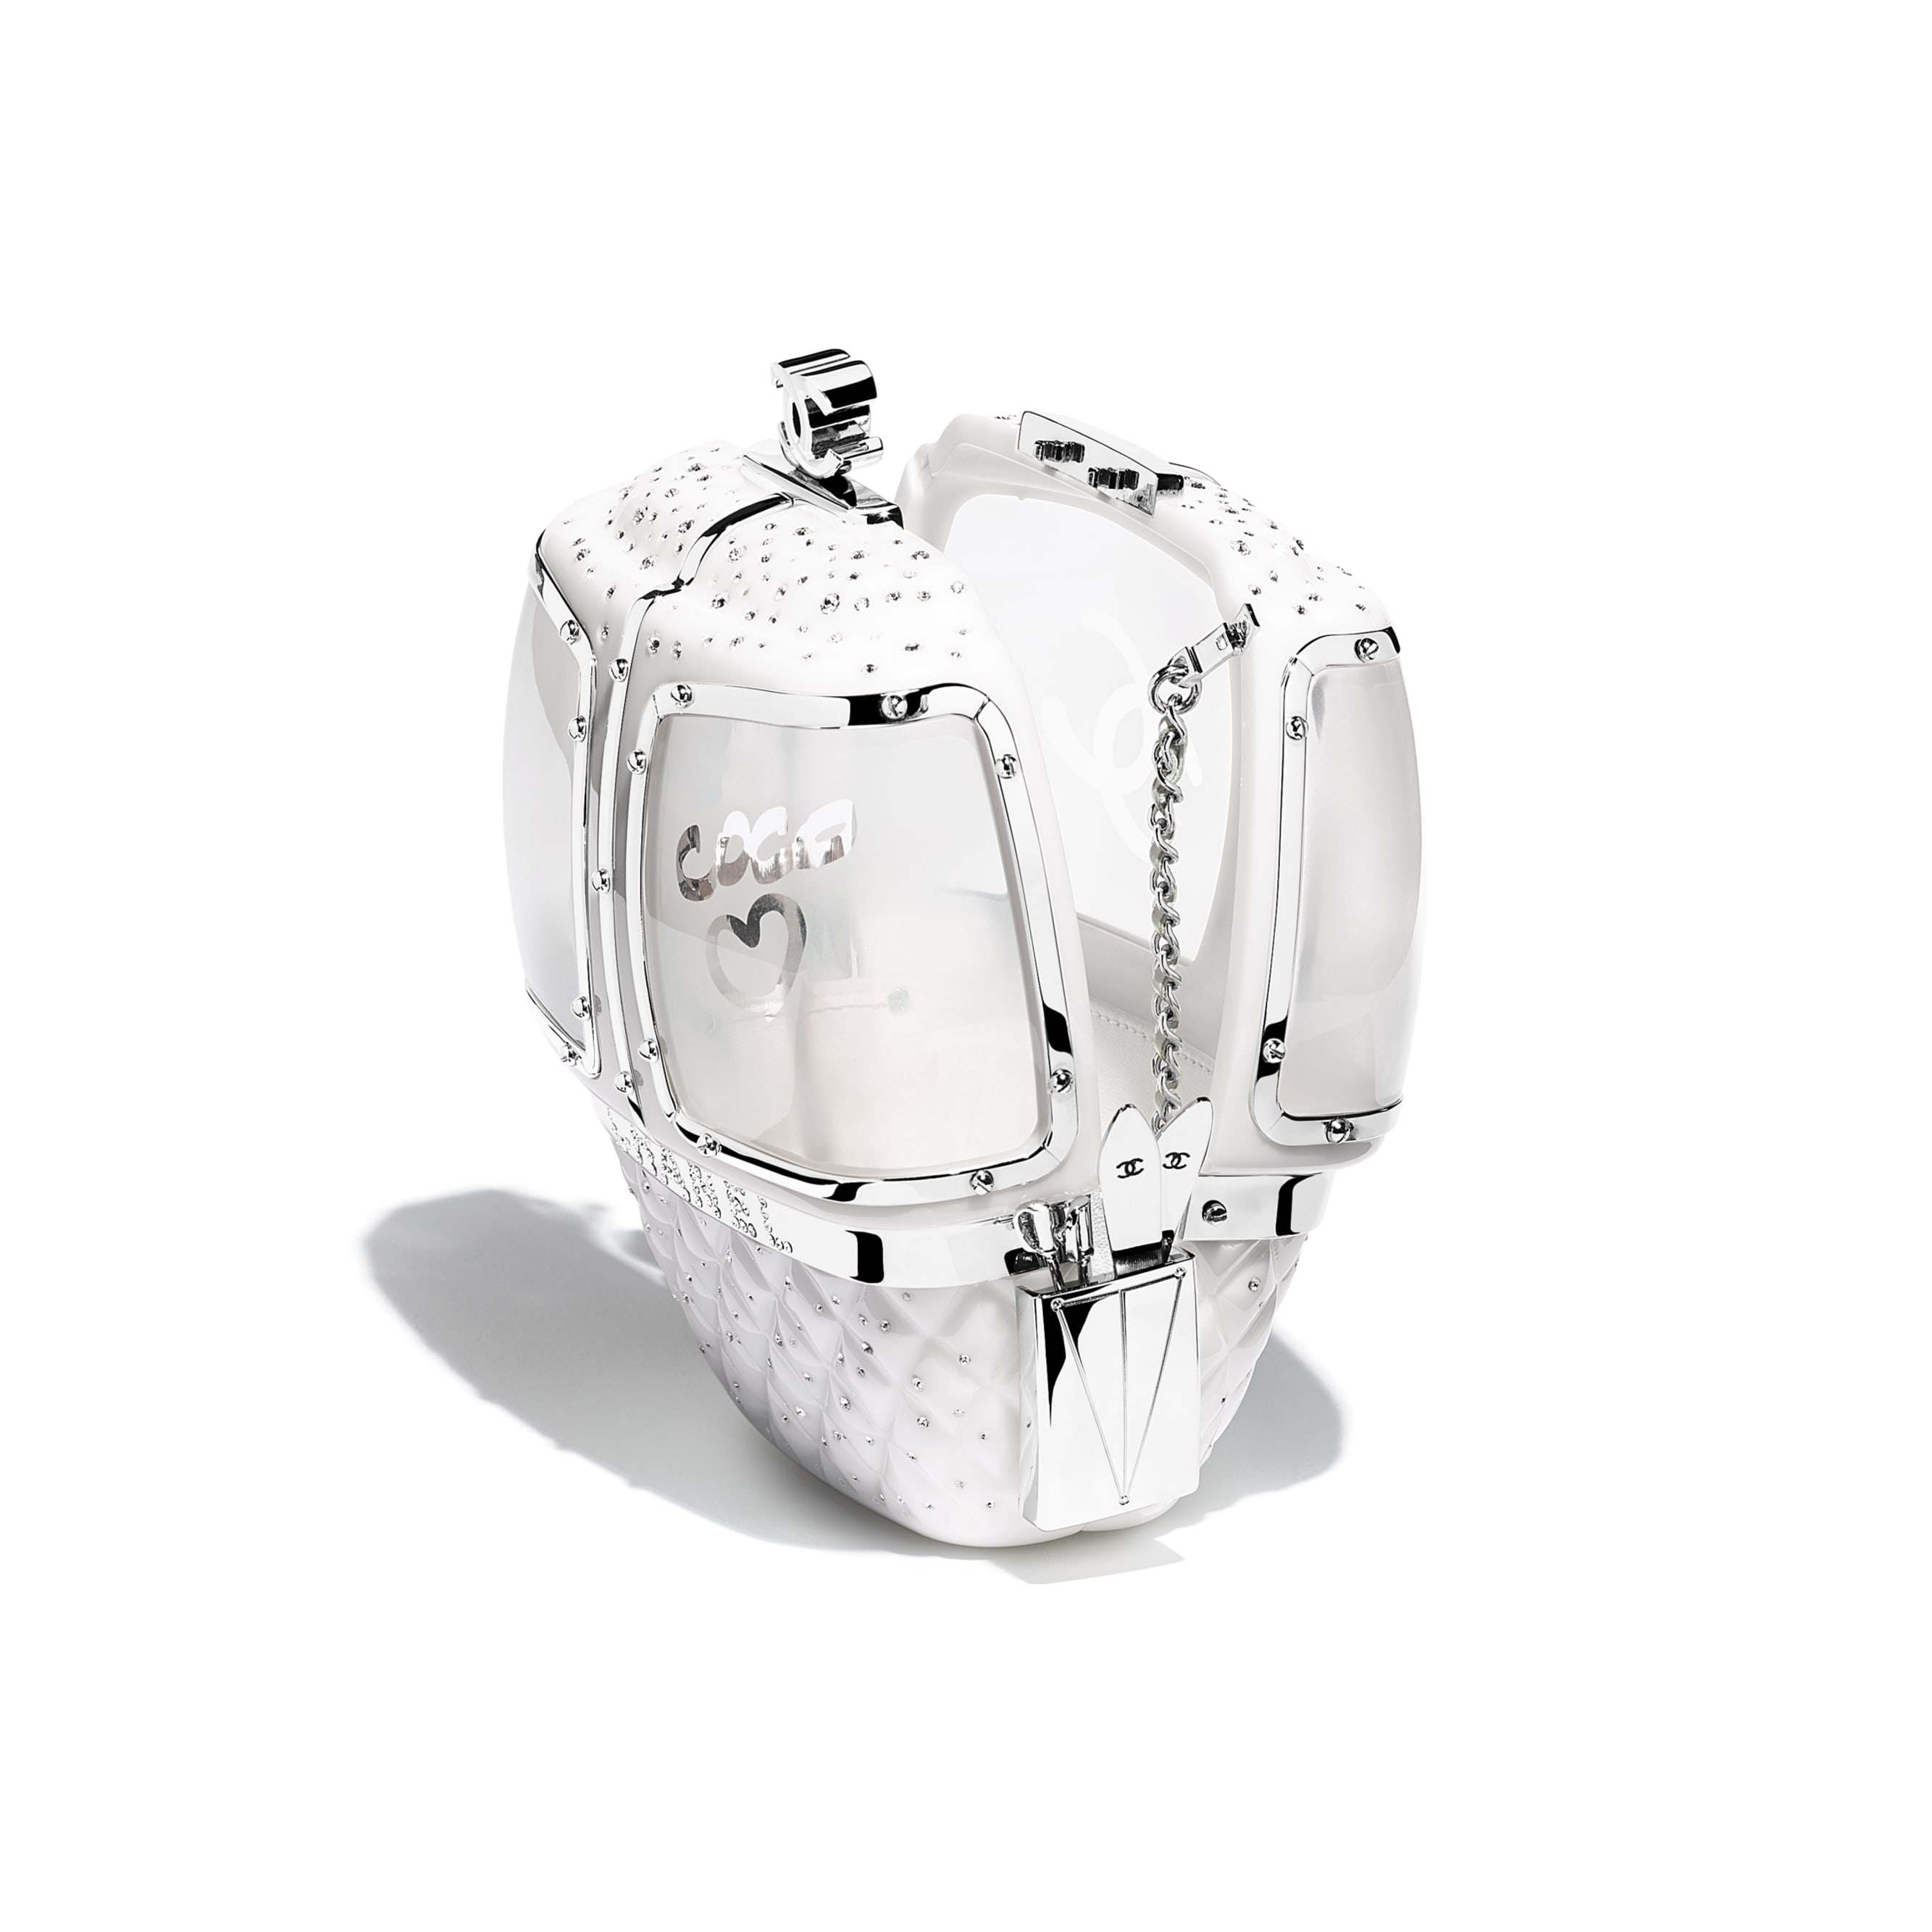 Вечерняя сумка - Белый - Смола, стразы и серебристый металл - Другое изображение - посмотреть изображение стандартного размера